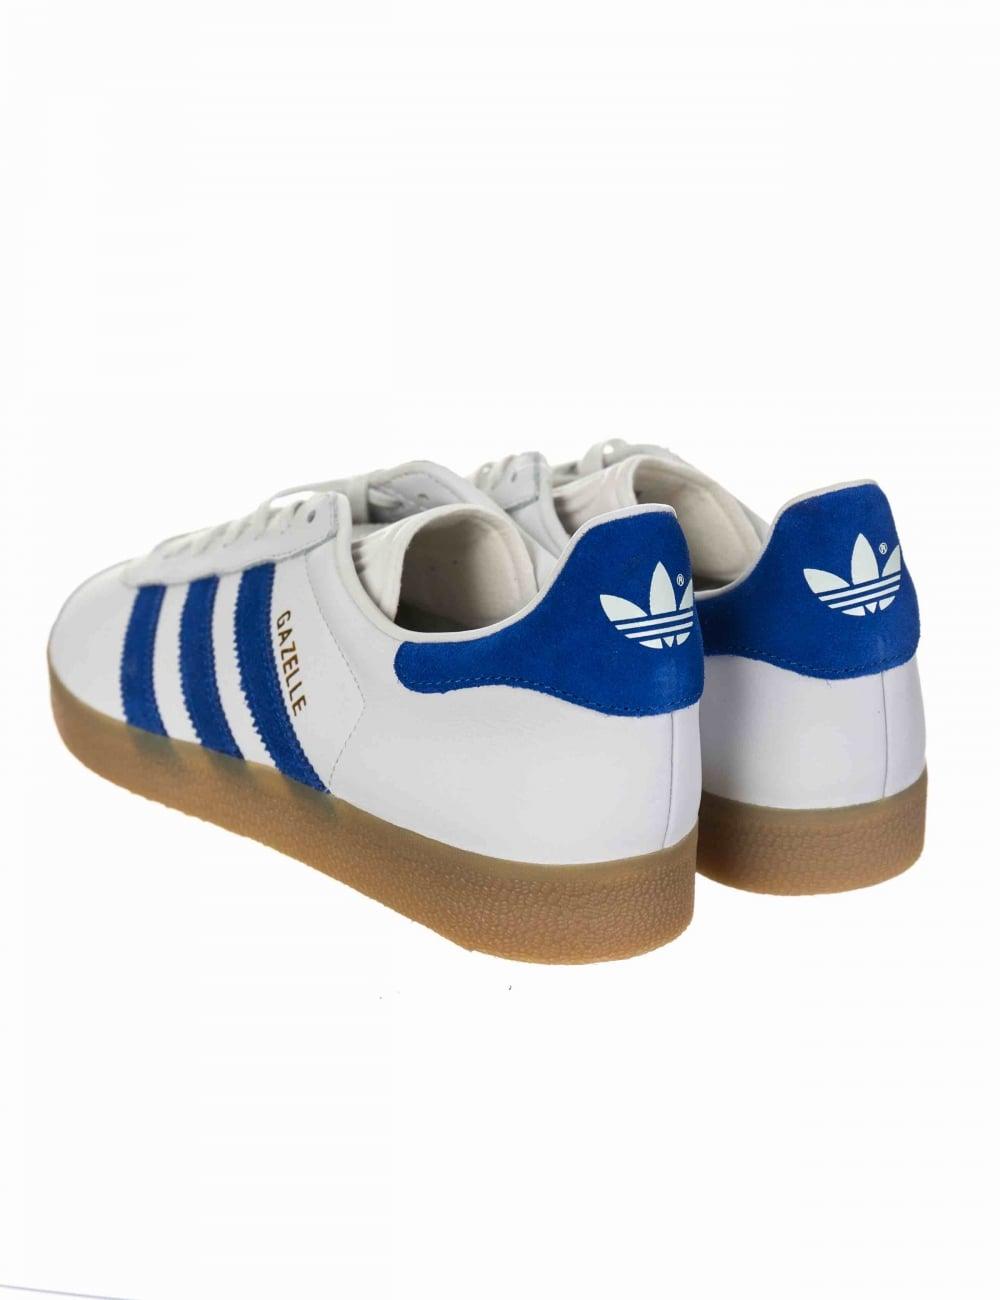 Gazelle OG Shoes - Vintage White/Bold Blue